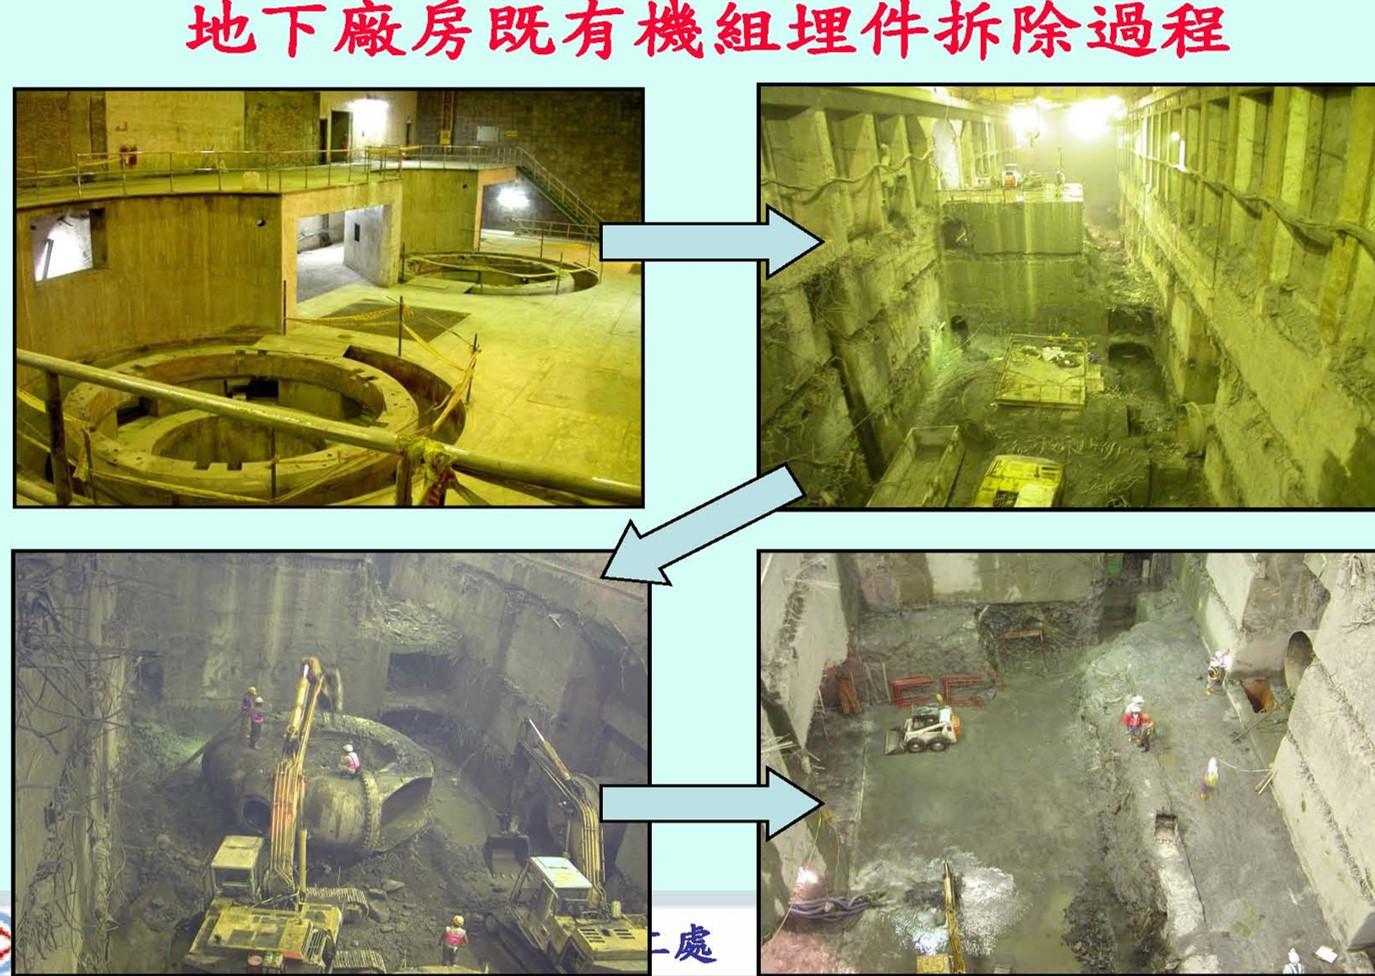 谷關電廠舊有機組全部拆除過程